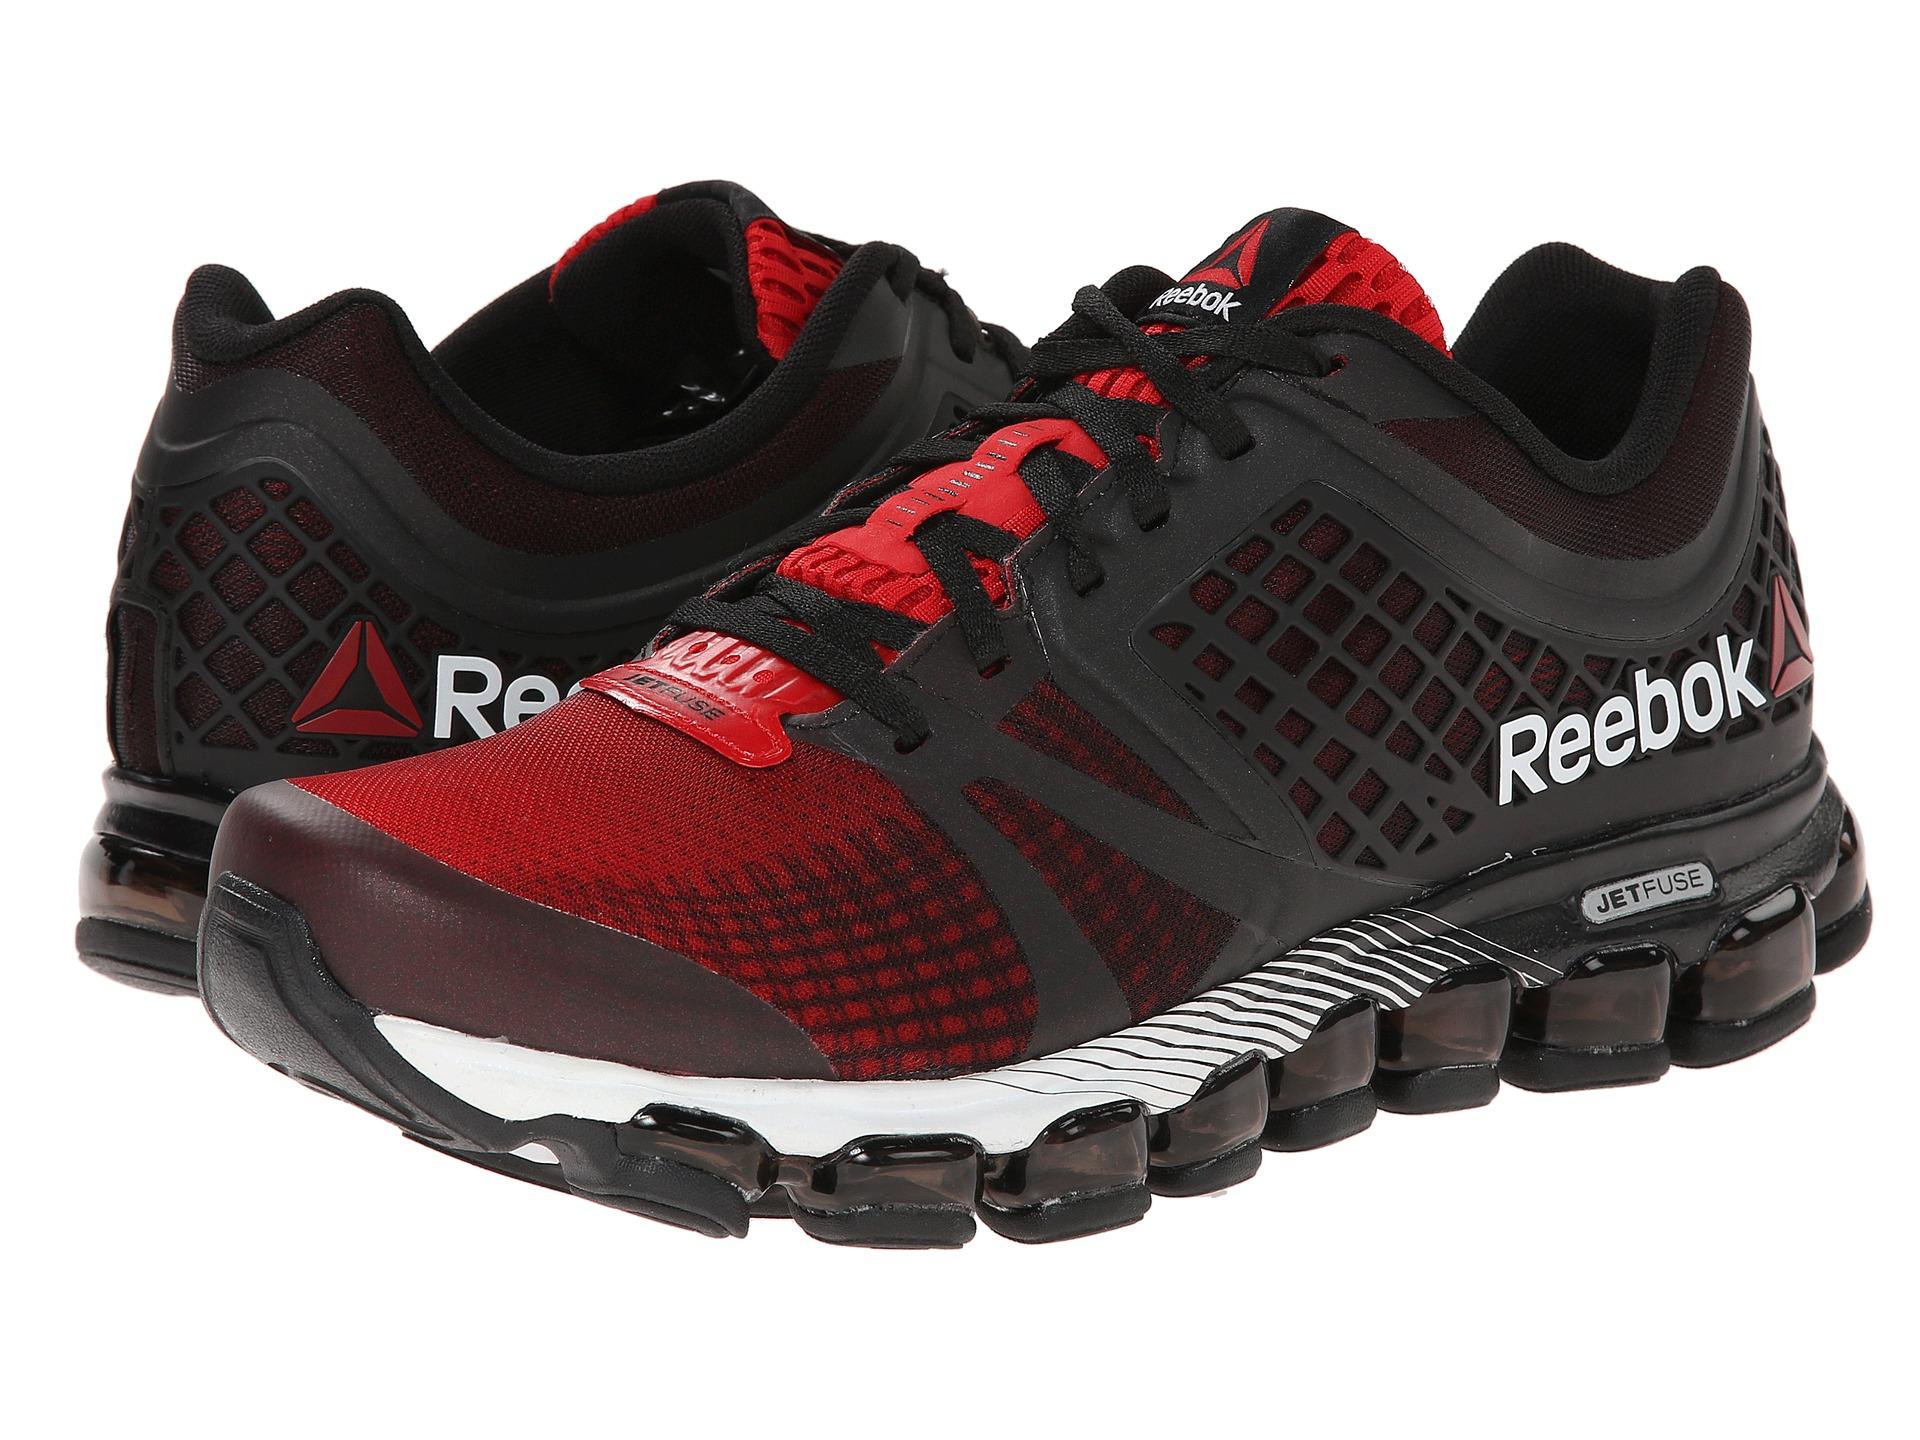 classic fit 8aad2 5c997 ... reebok jetfuse black red ...